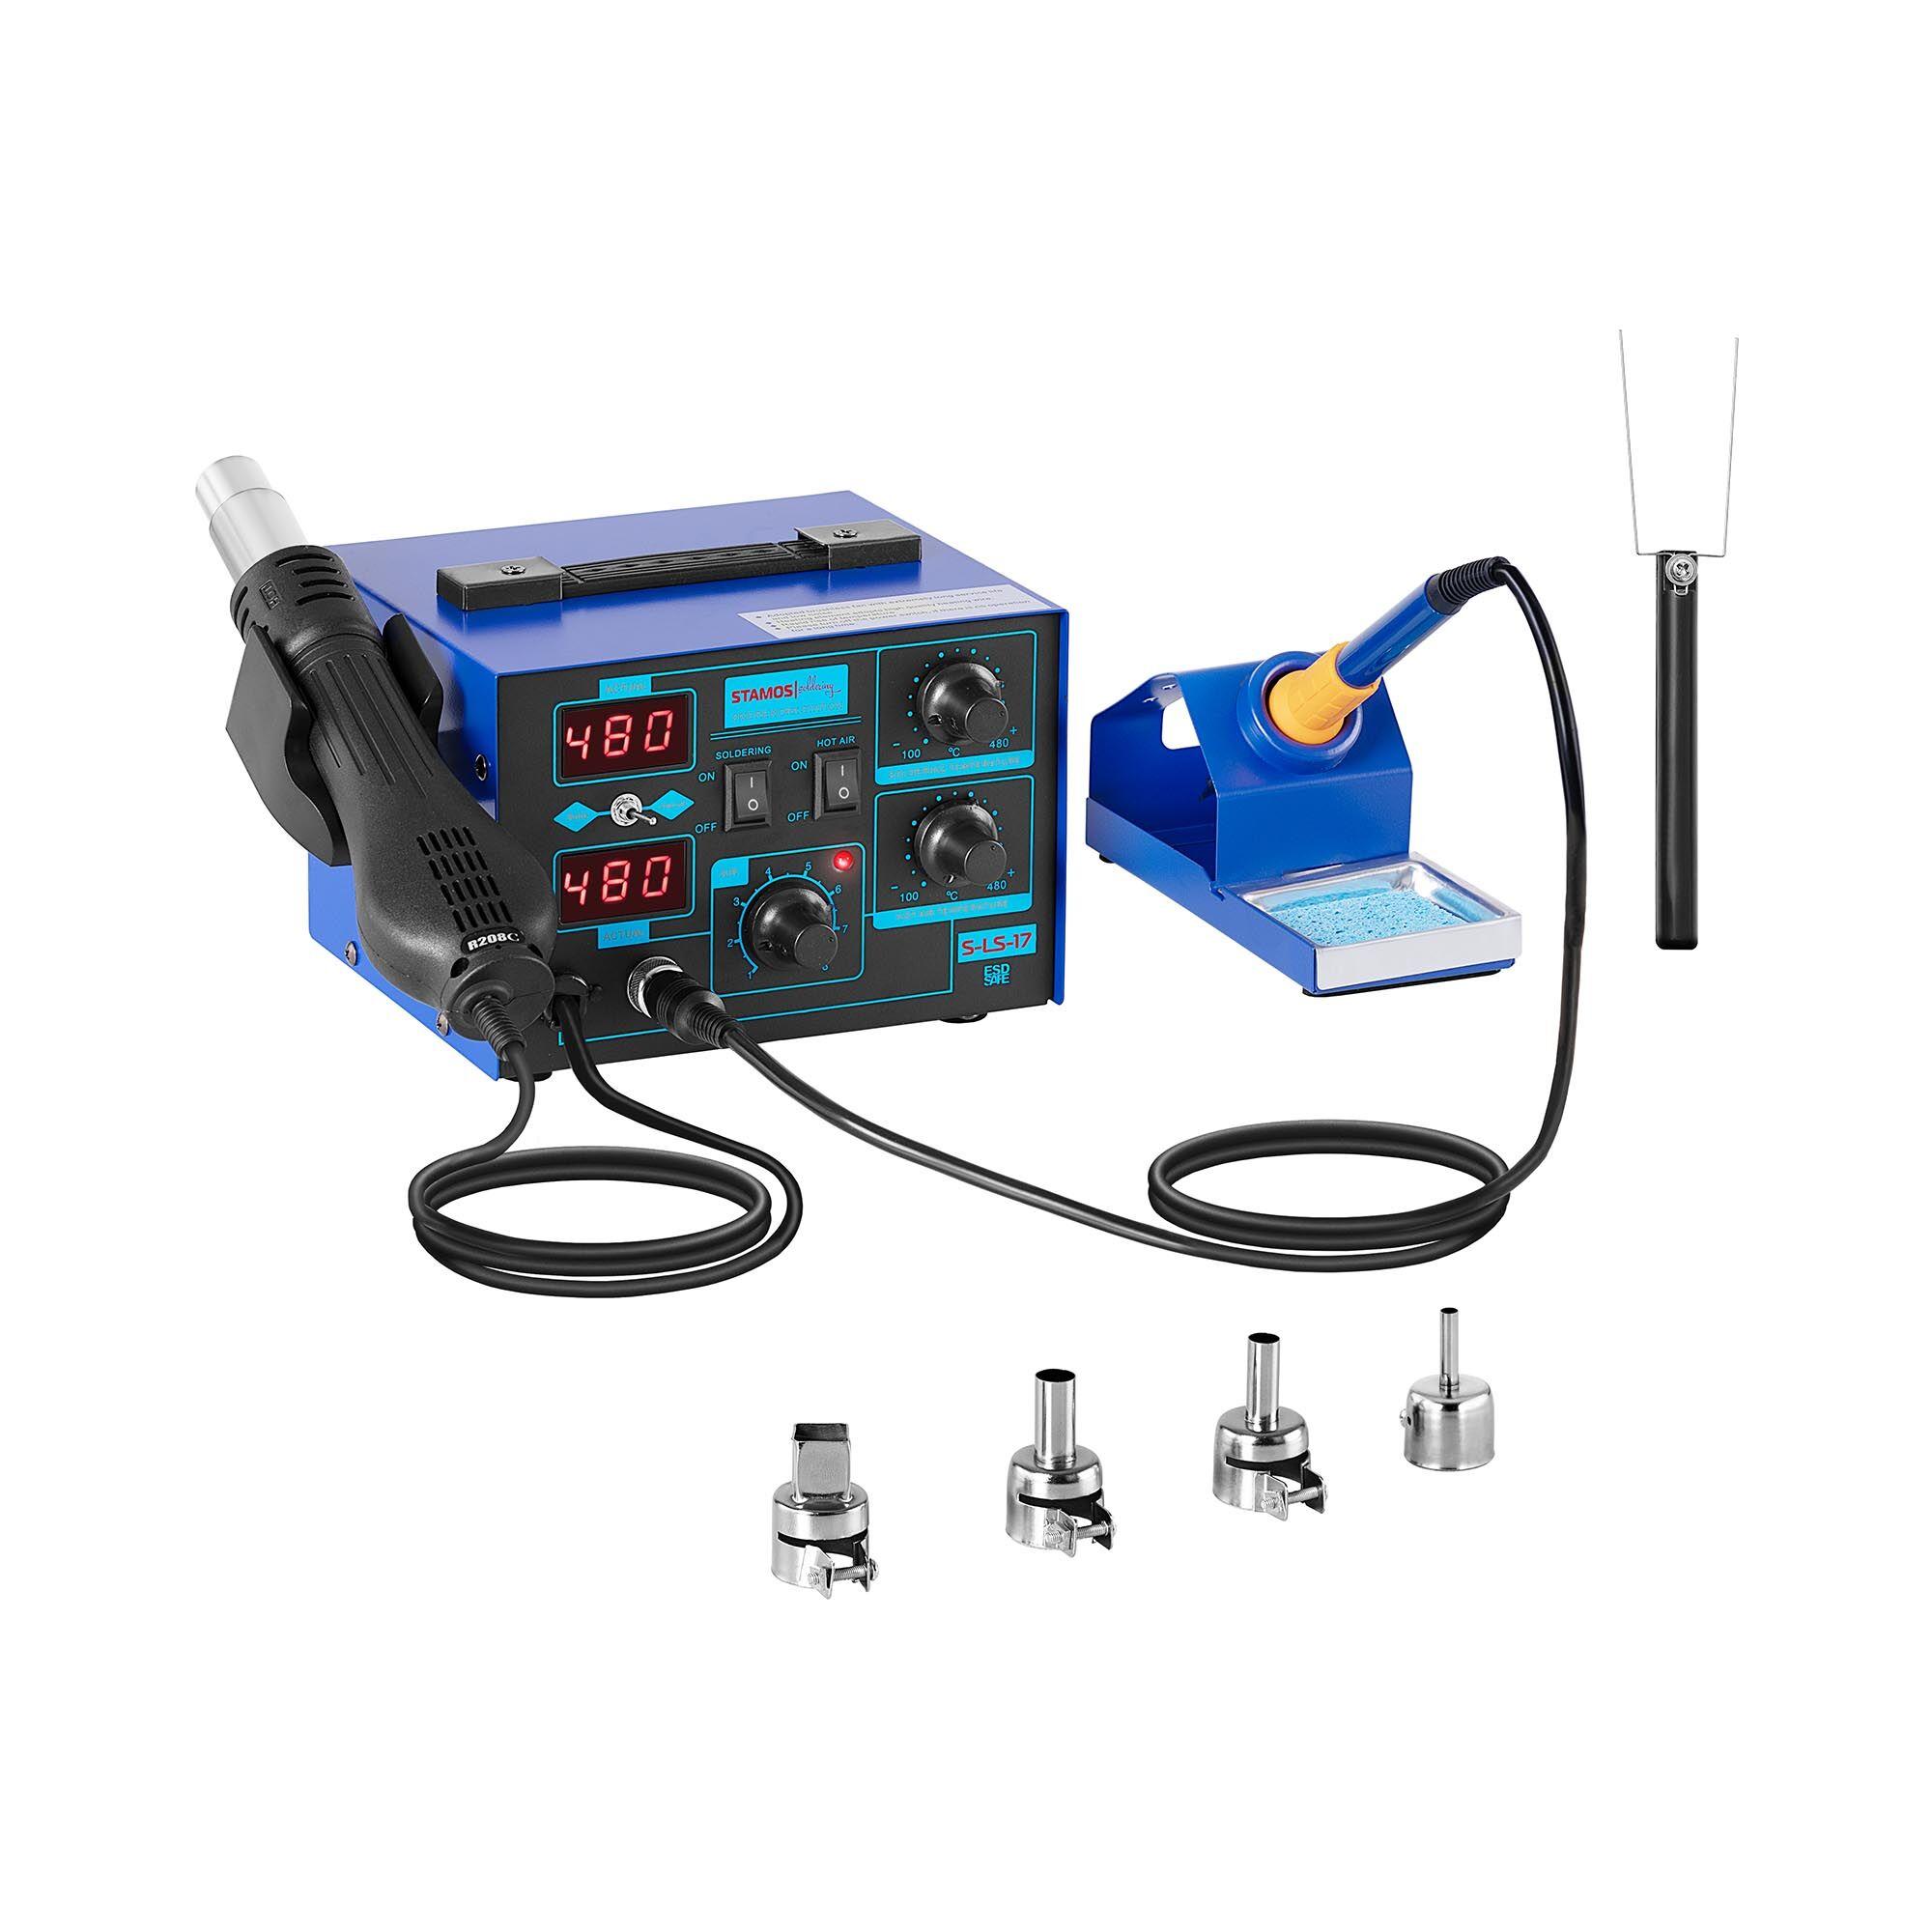 stamos soldering stazione saldante con alimentatore integrato - 730w - basic s-ls-17 basic